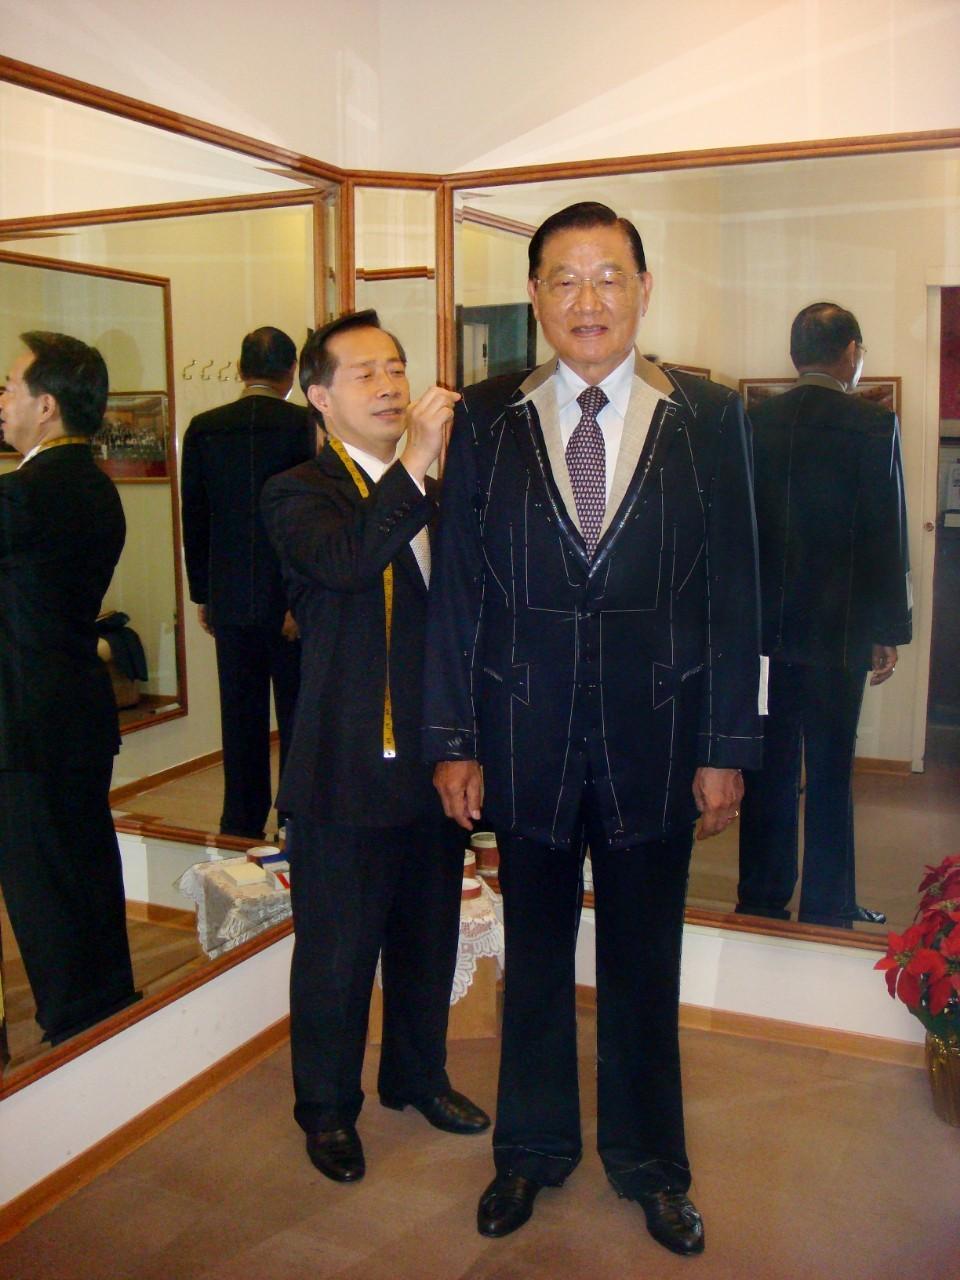 前海基會董事長 江丙坤先生